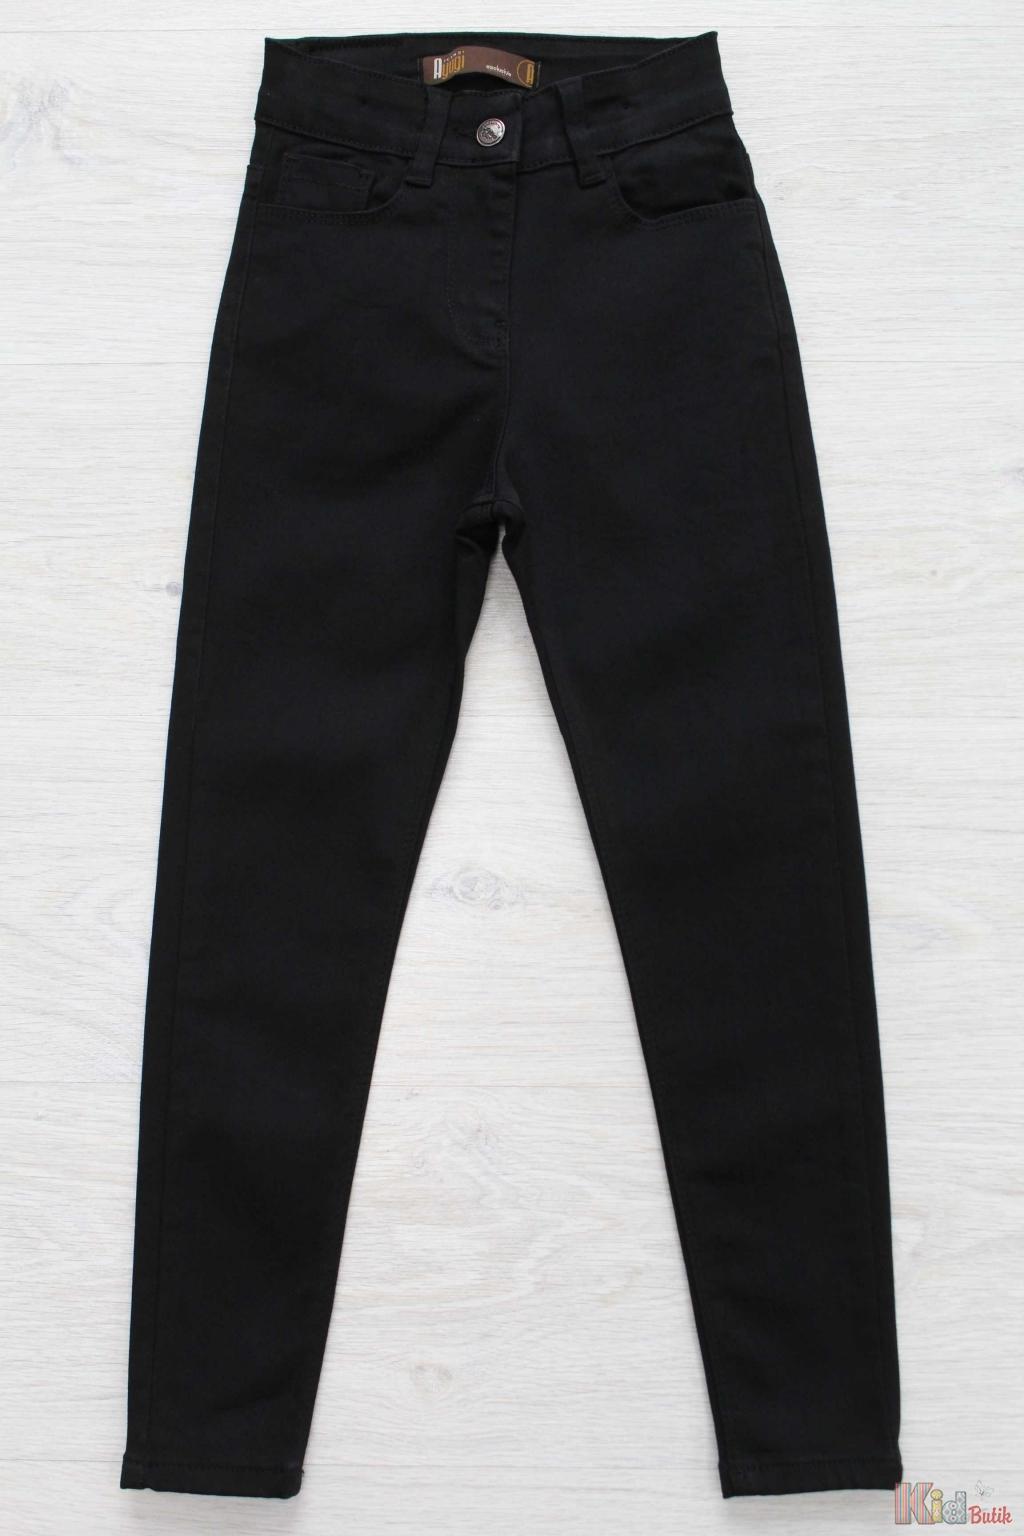 ᐈ Джинси скінні чорні для дівчинки A-yugi 2125000529646 купити в ... 2a093d117767f